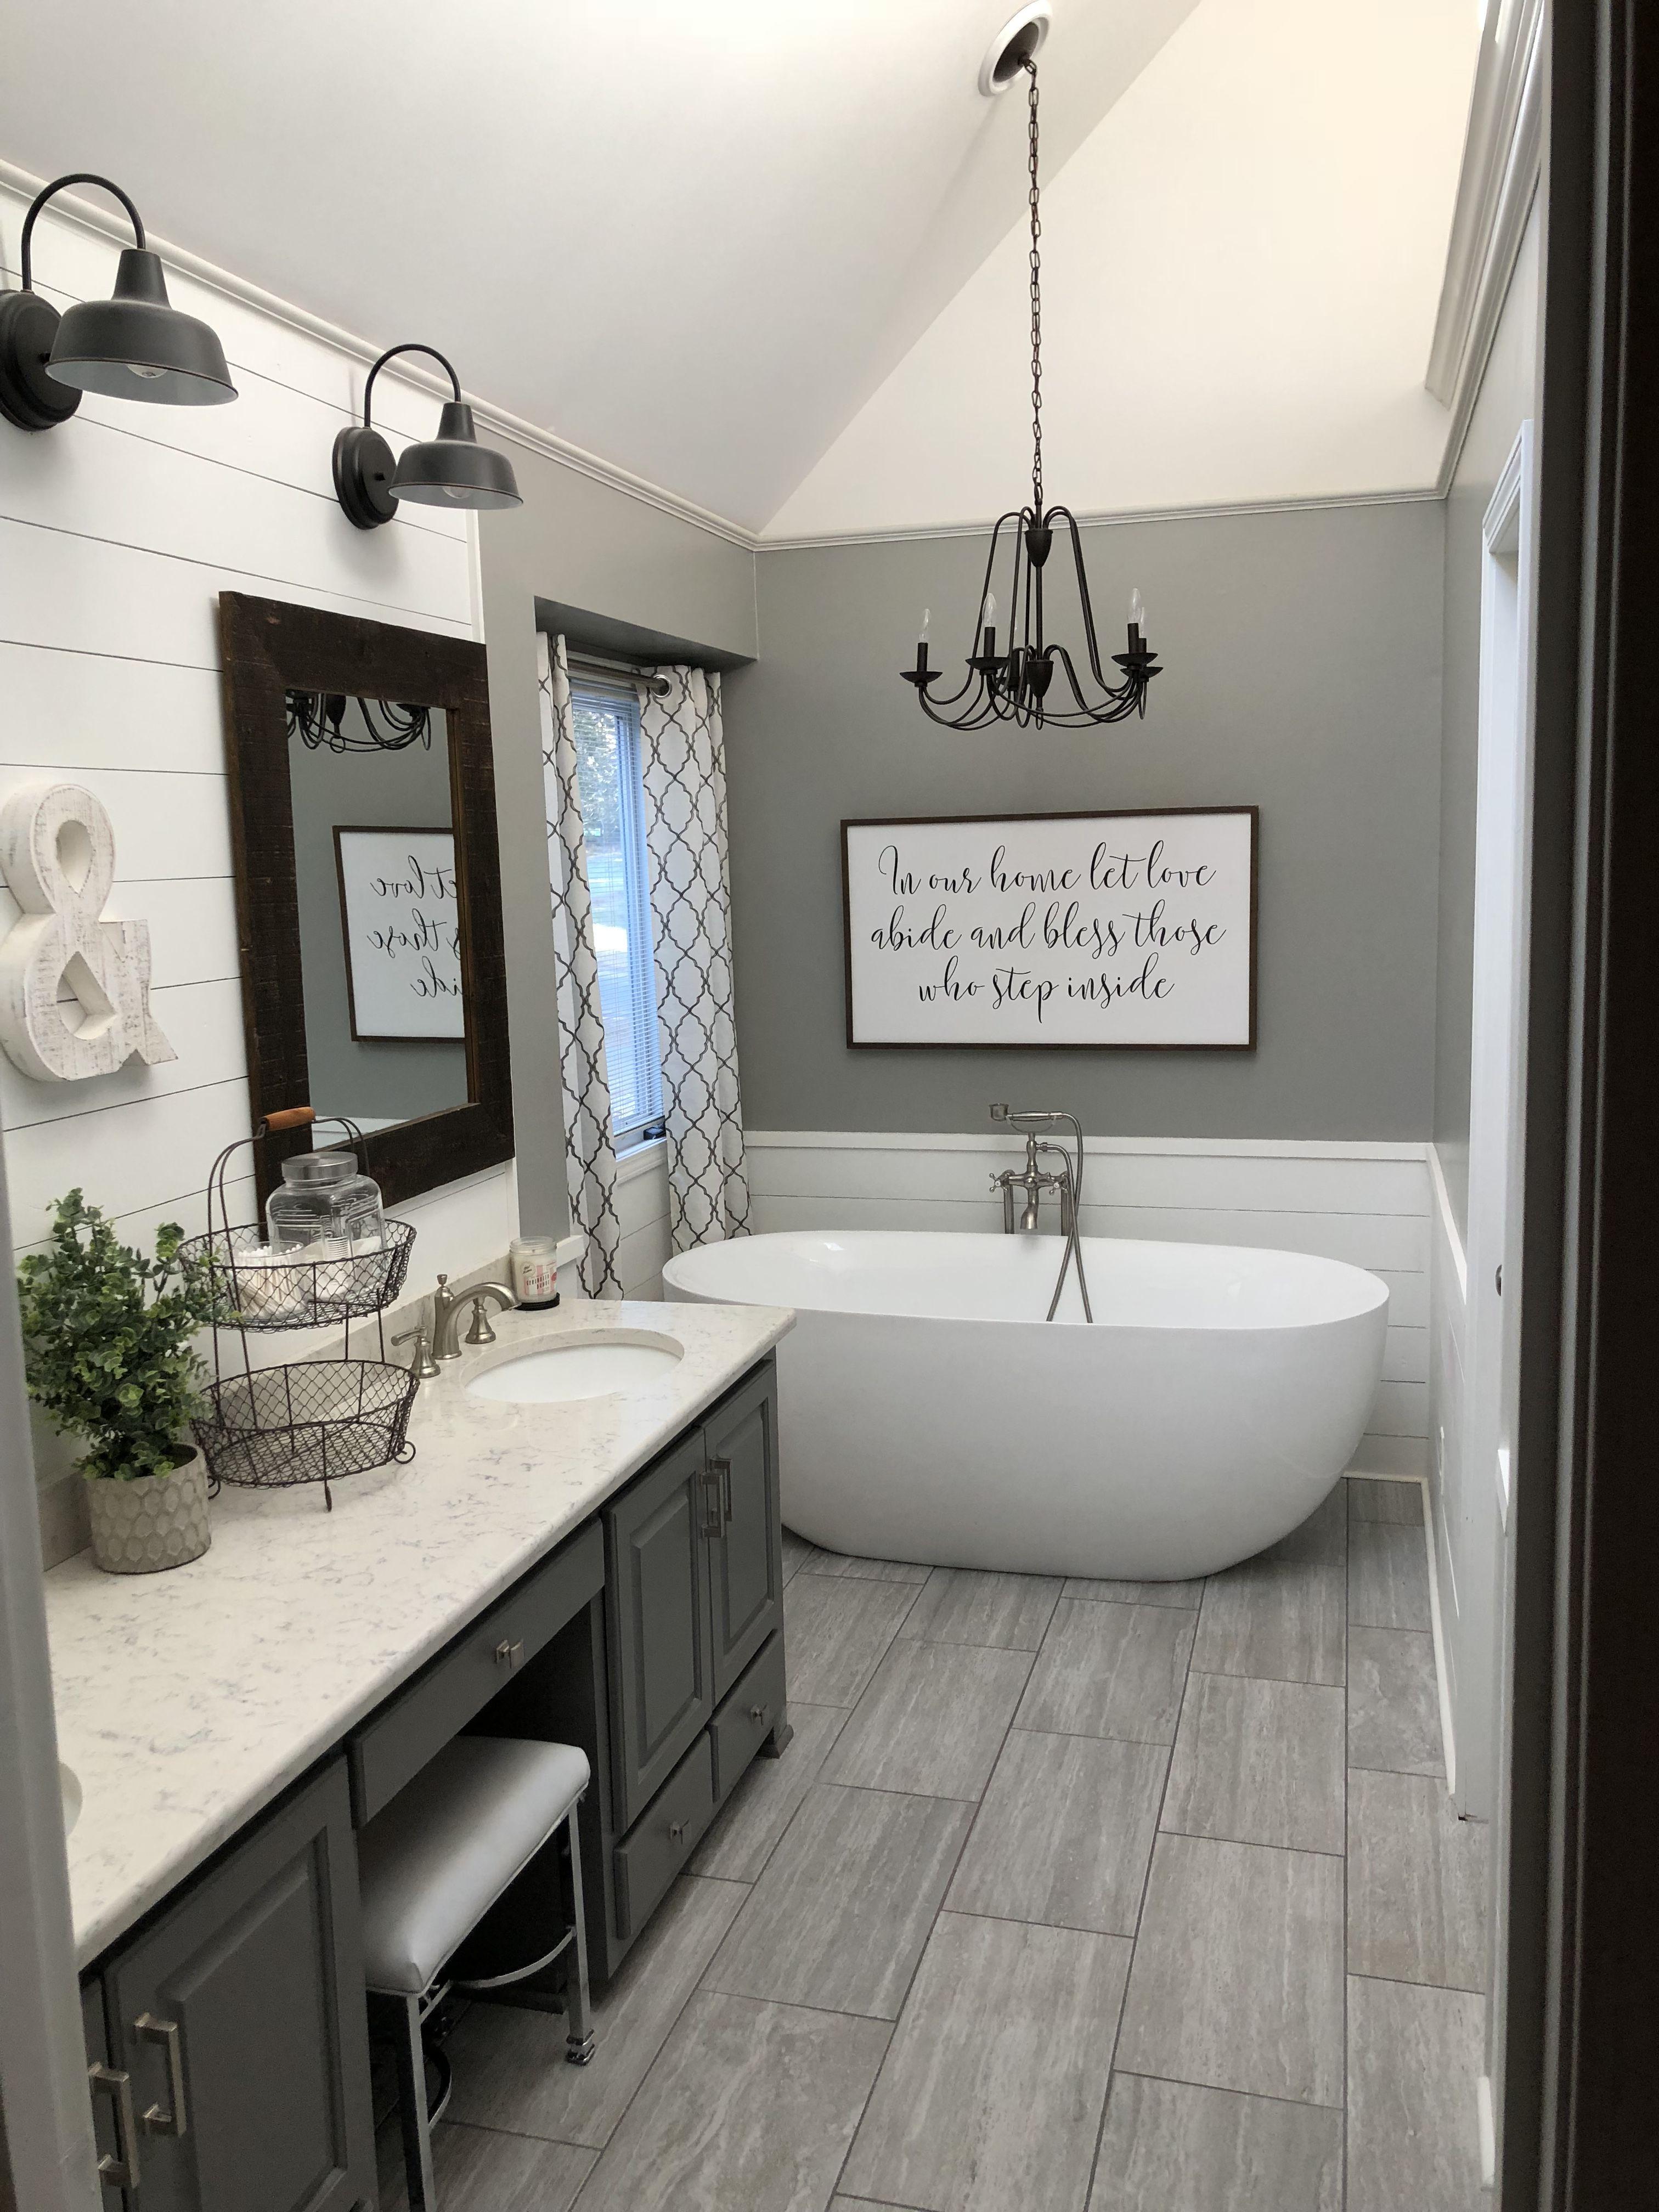 Master bath farmhouse style | Farmhouse bathroom decor ...